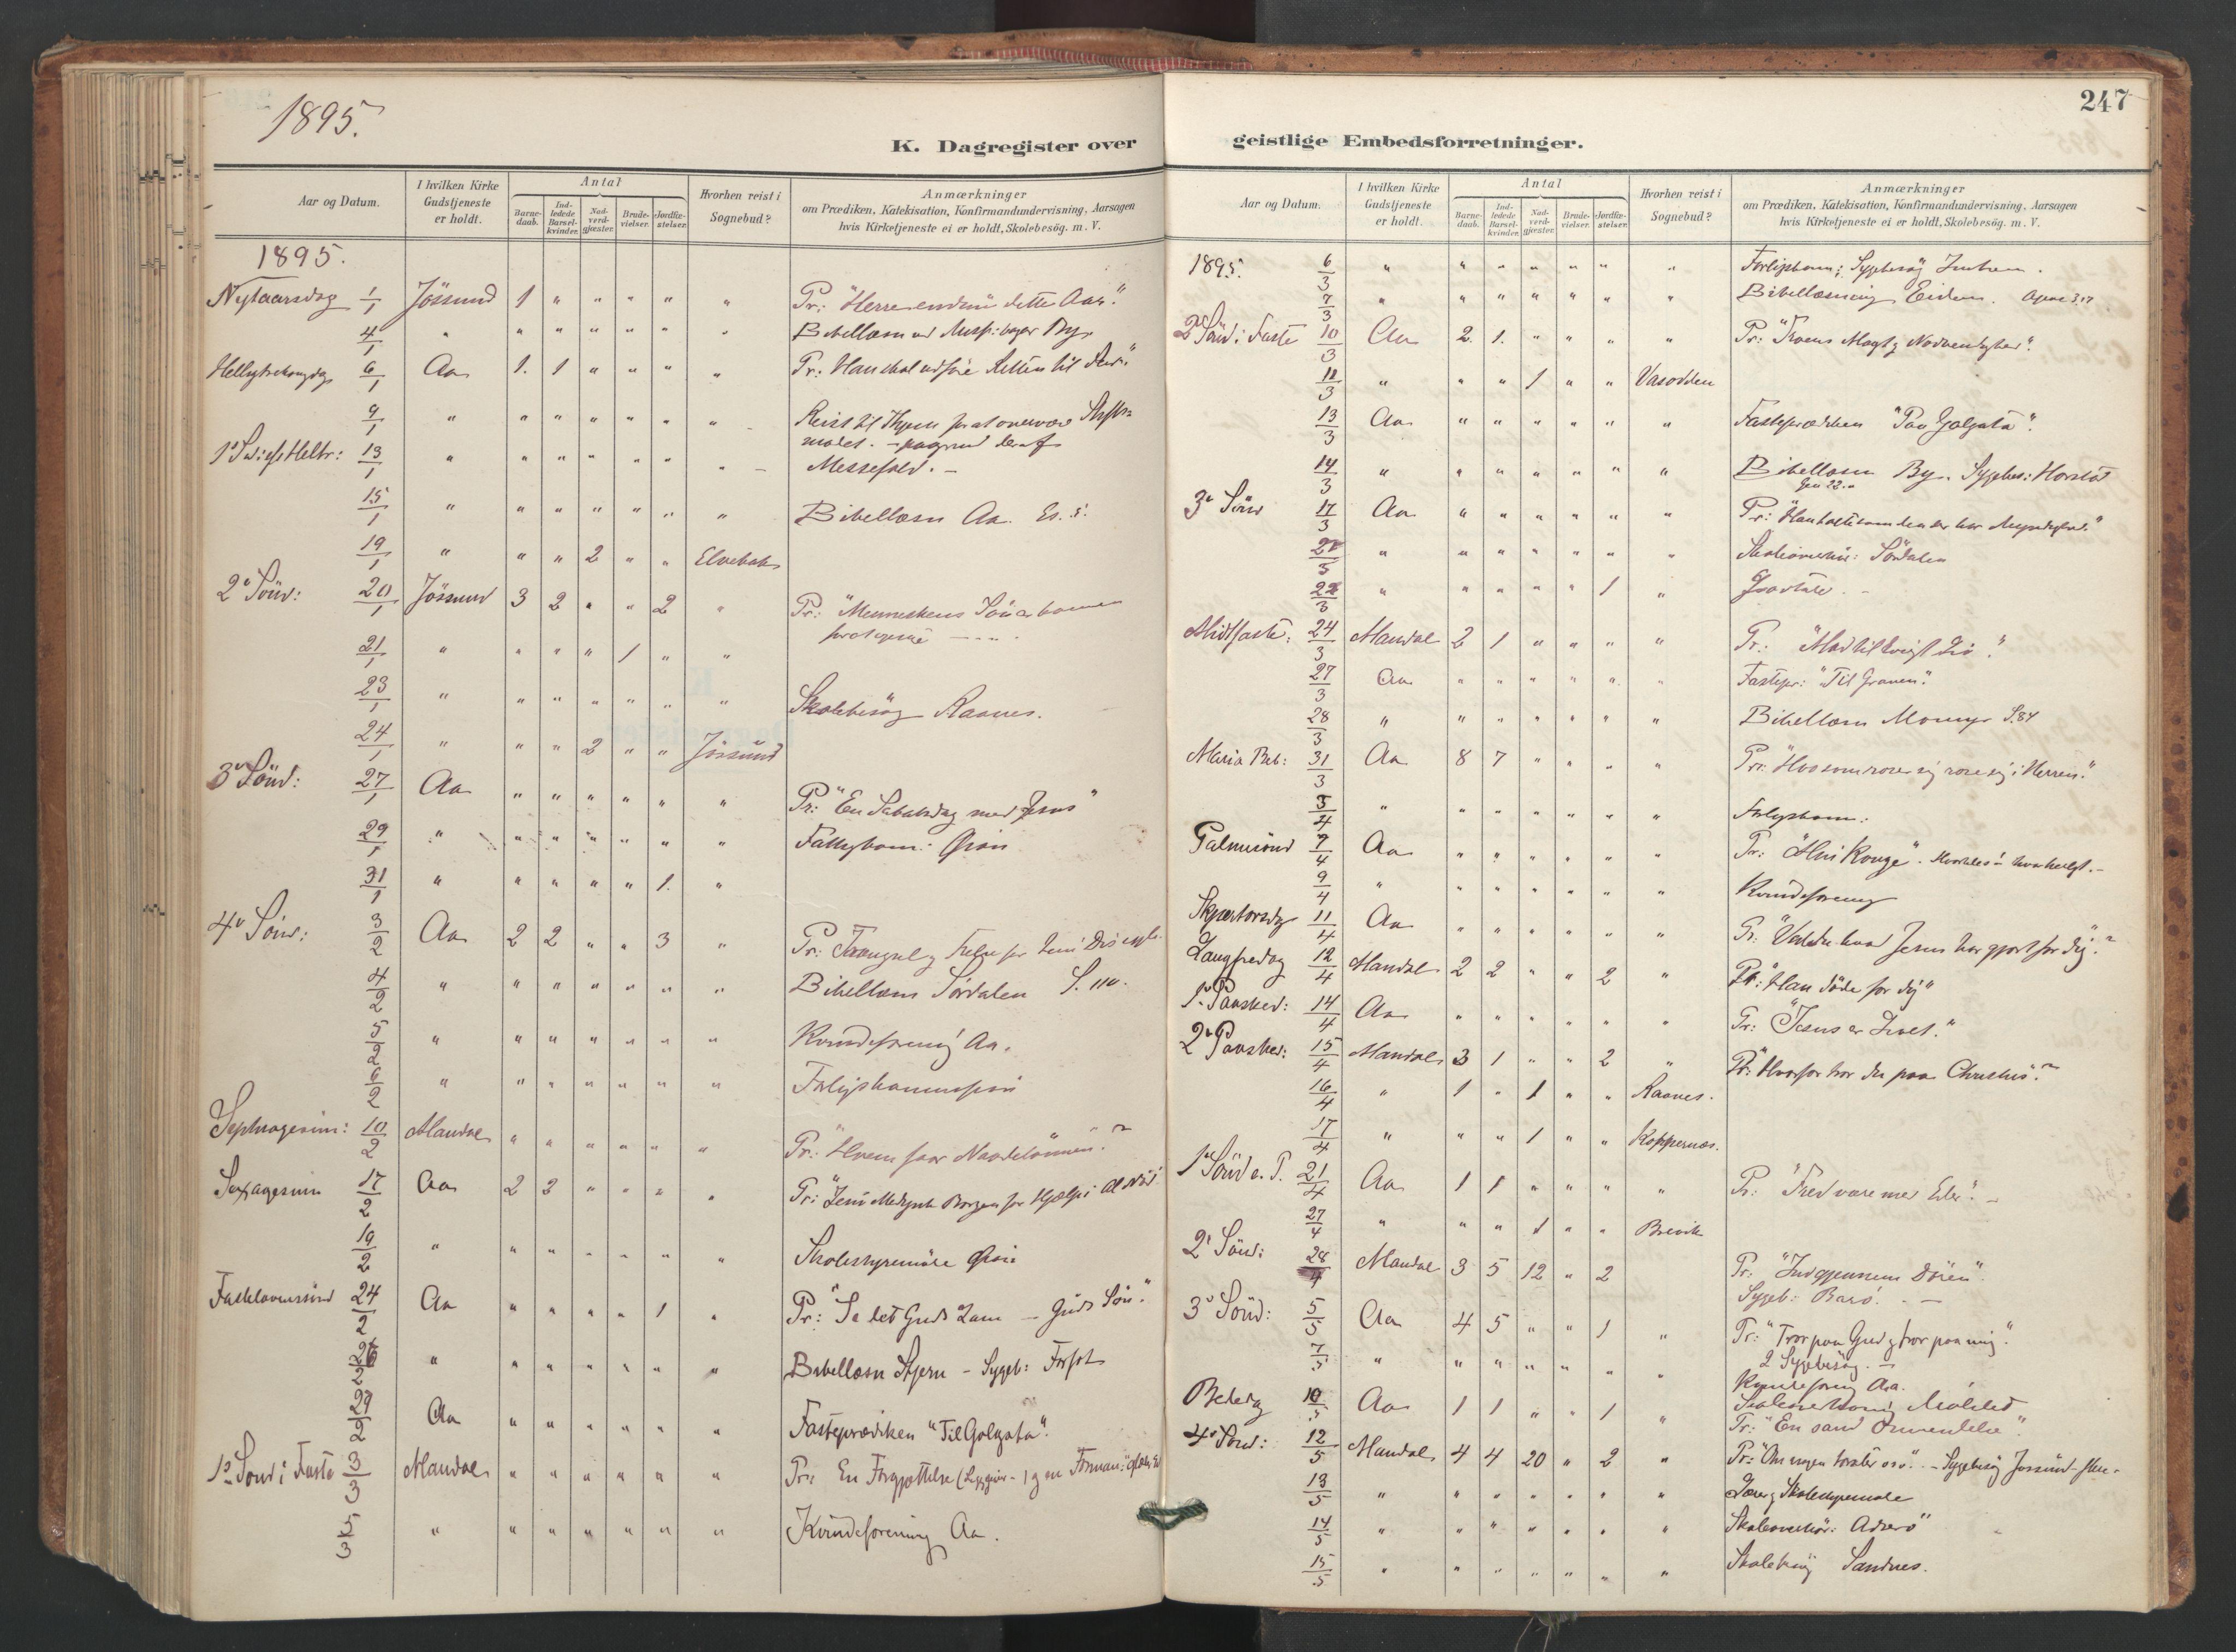 SAT, Ministerialprotokoller, klokkerbøker og fødselsregistre - Sør-Trøndelag, 655/L0681: Ministerialbok nr. 655A10, 1895-1907, s. 247